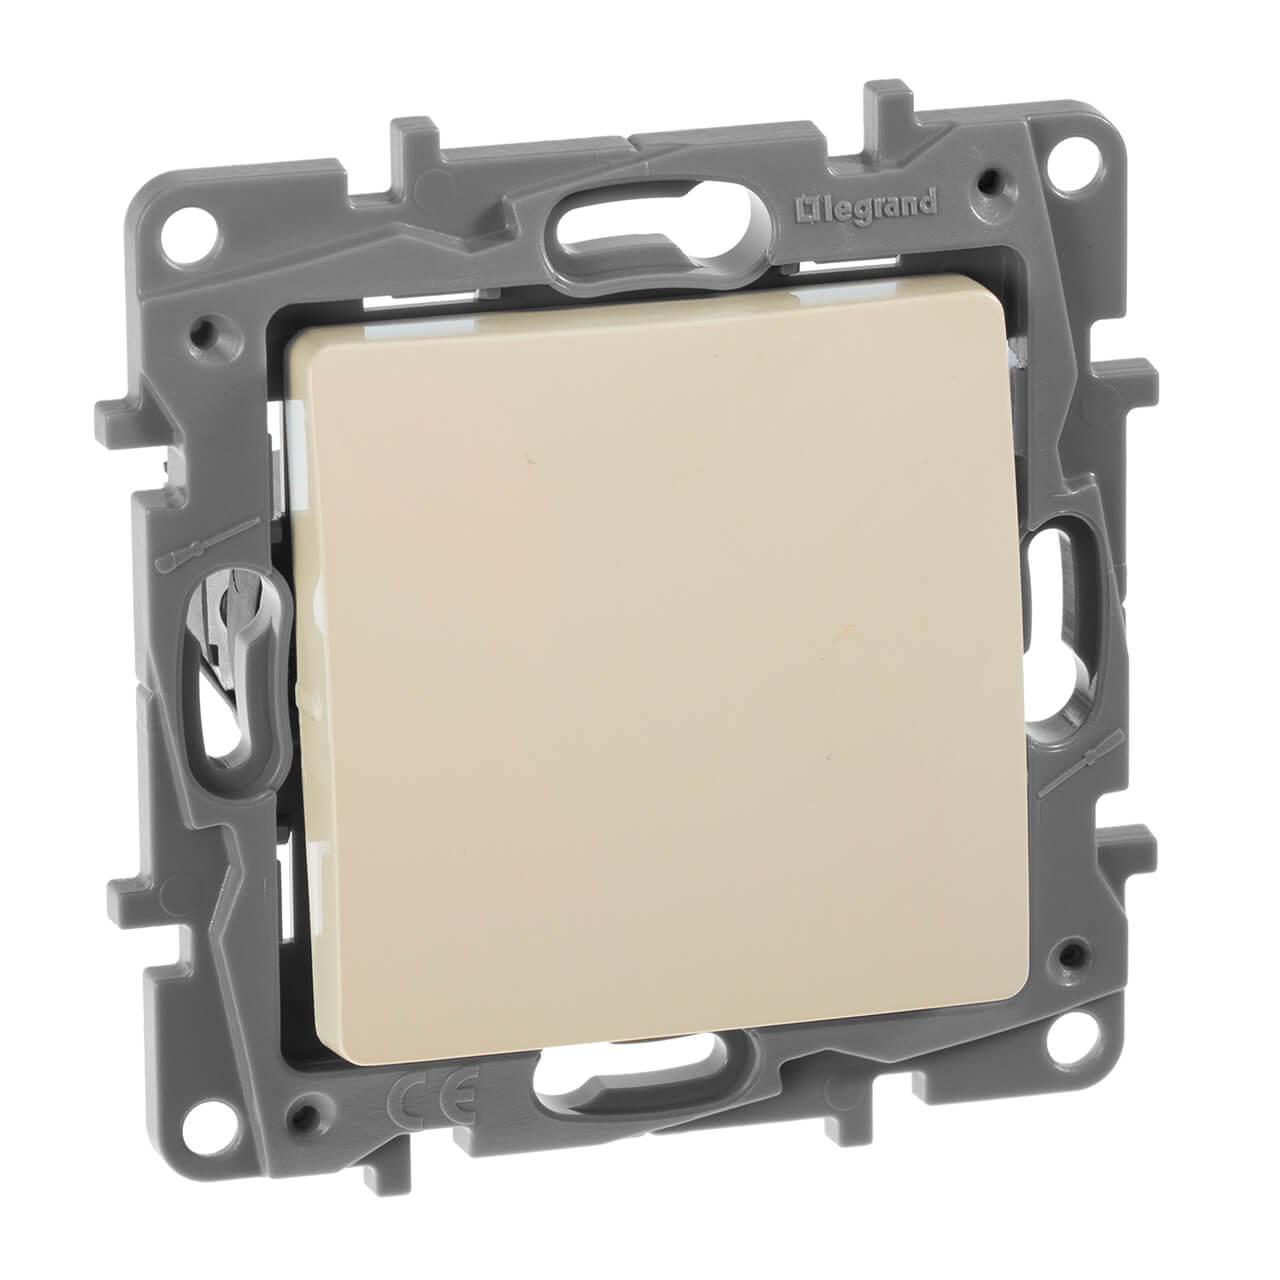 Выключатель кнопочный одноклавишный Legrand Etika 6A 250V слоновая кость 672314 выключатель одноклавишный кнопочный legrand quteo 6a 250v белый 782205